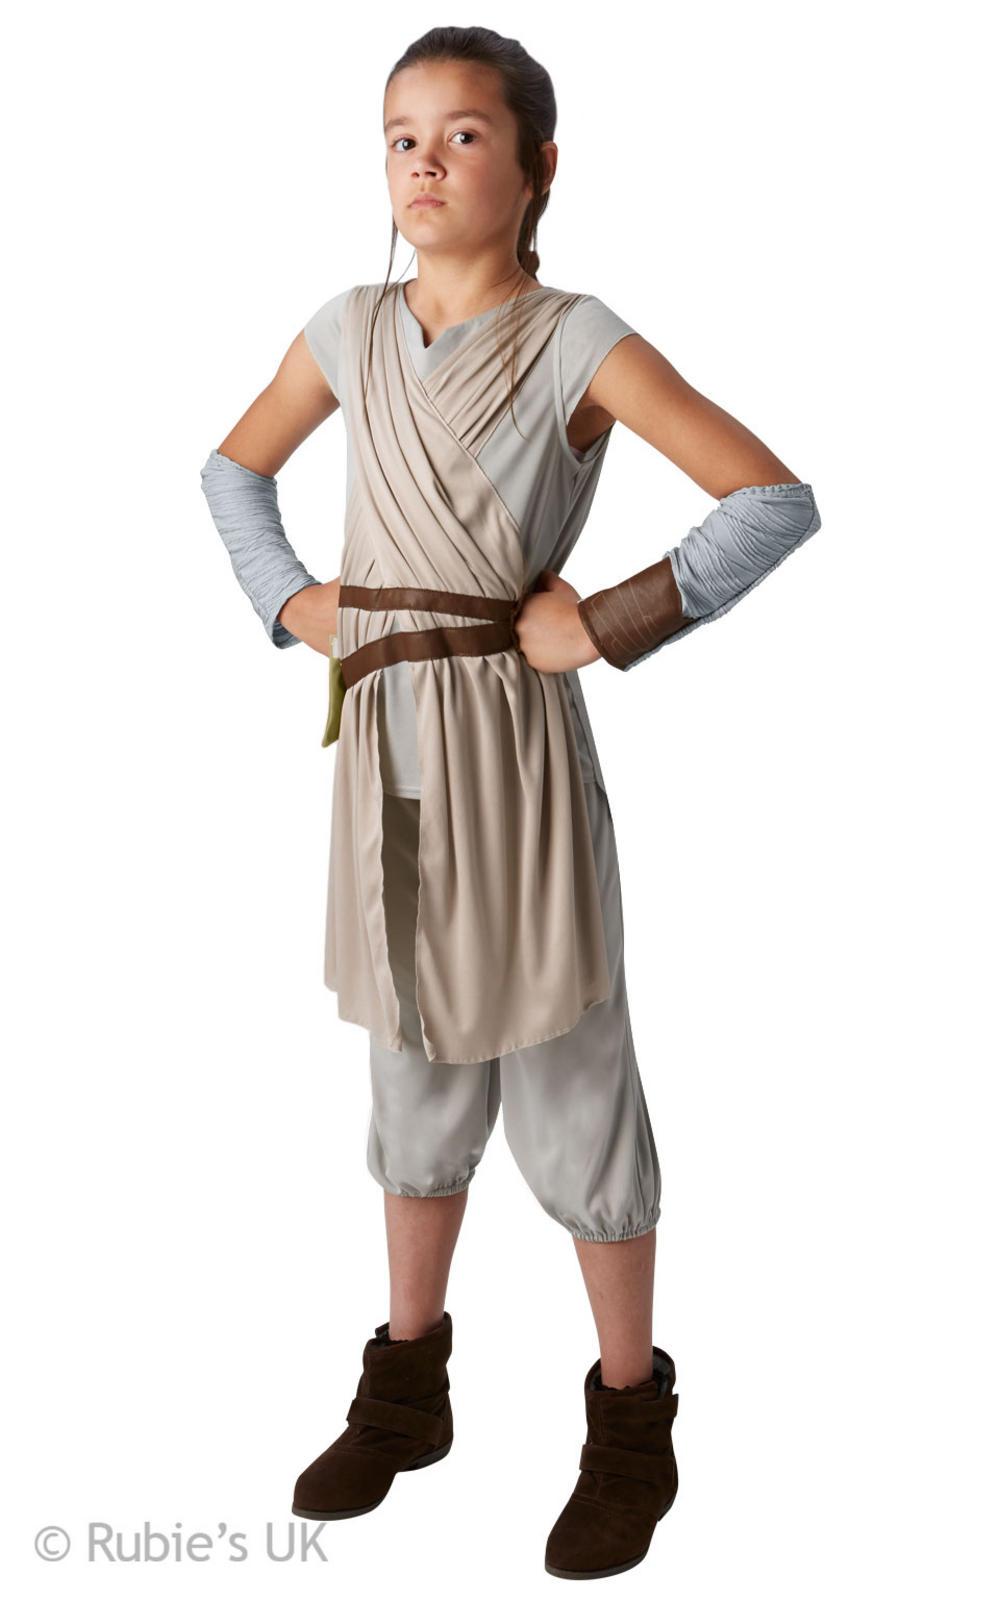 Rey Deluxe Teens The Force Awakens Star Wars Costume